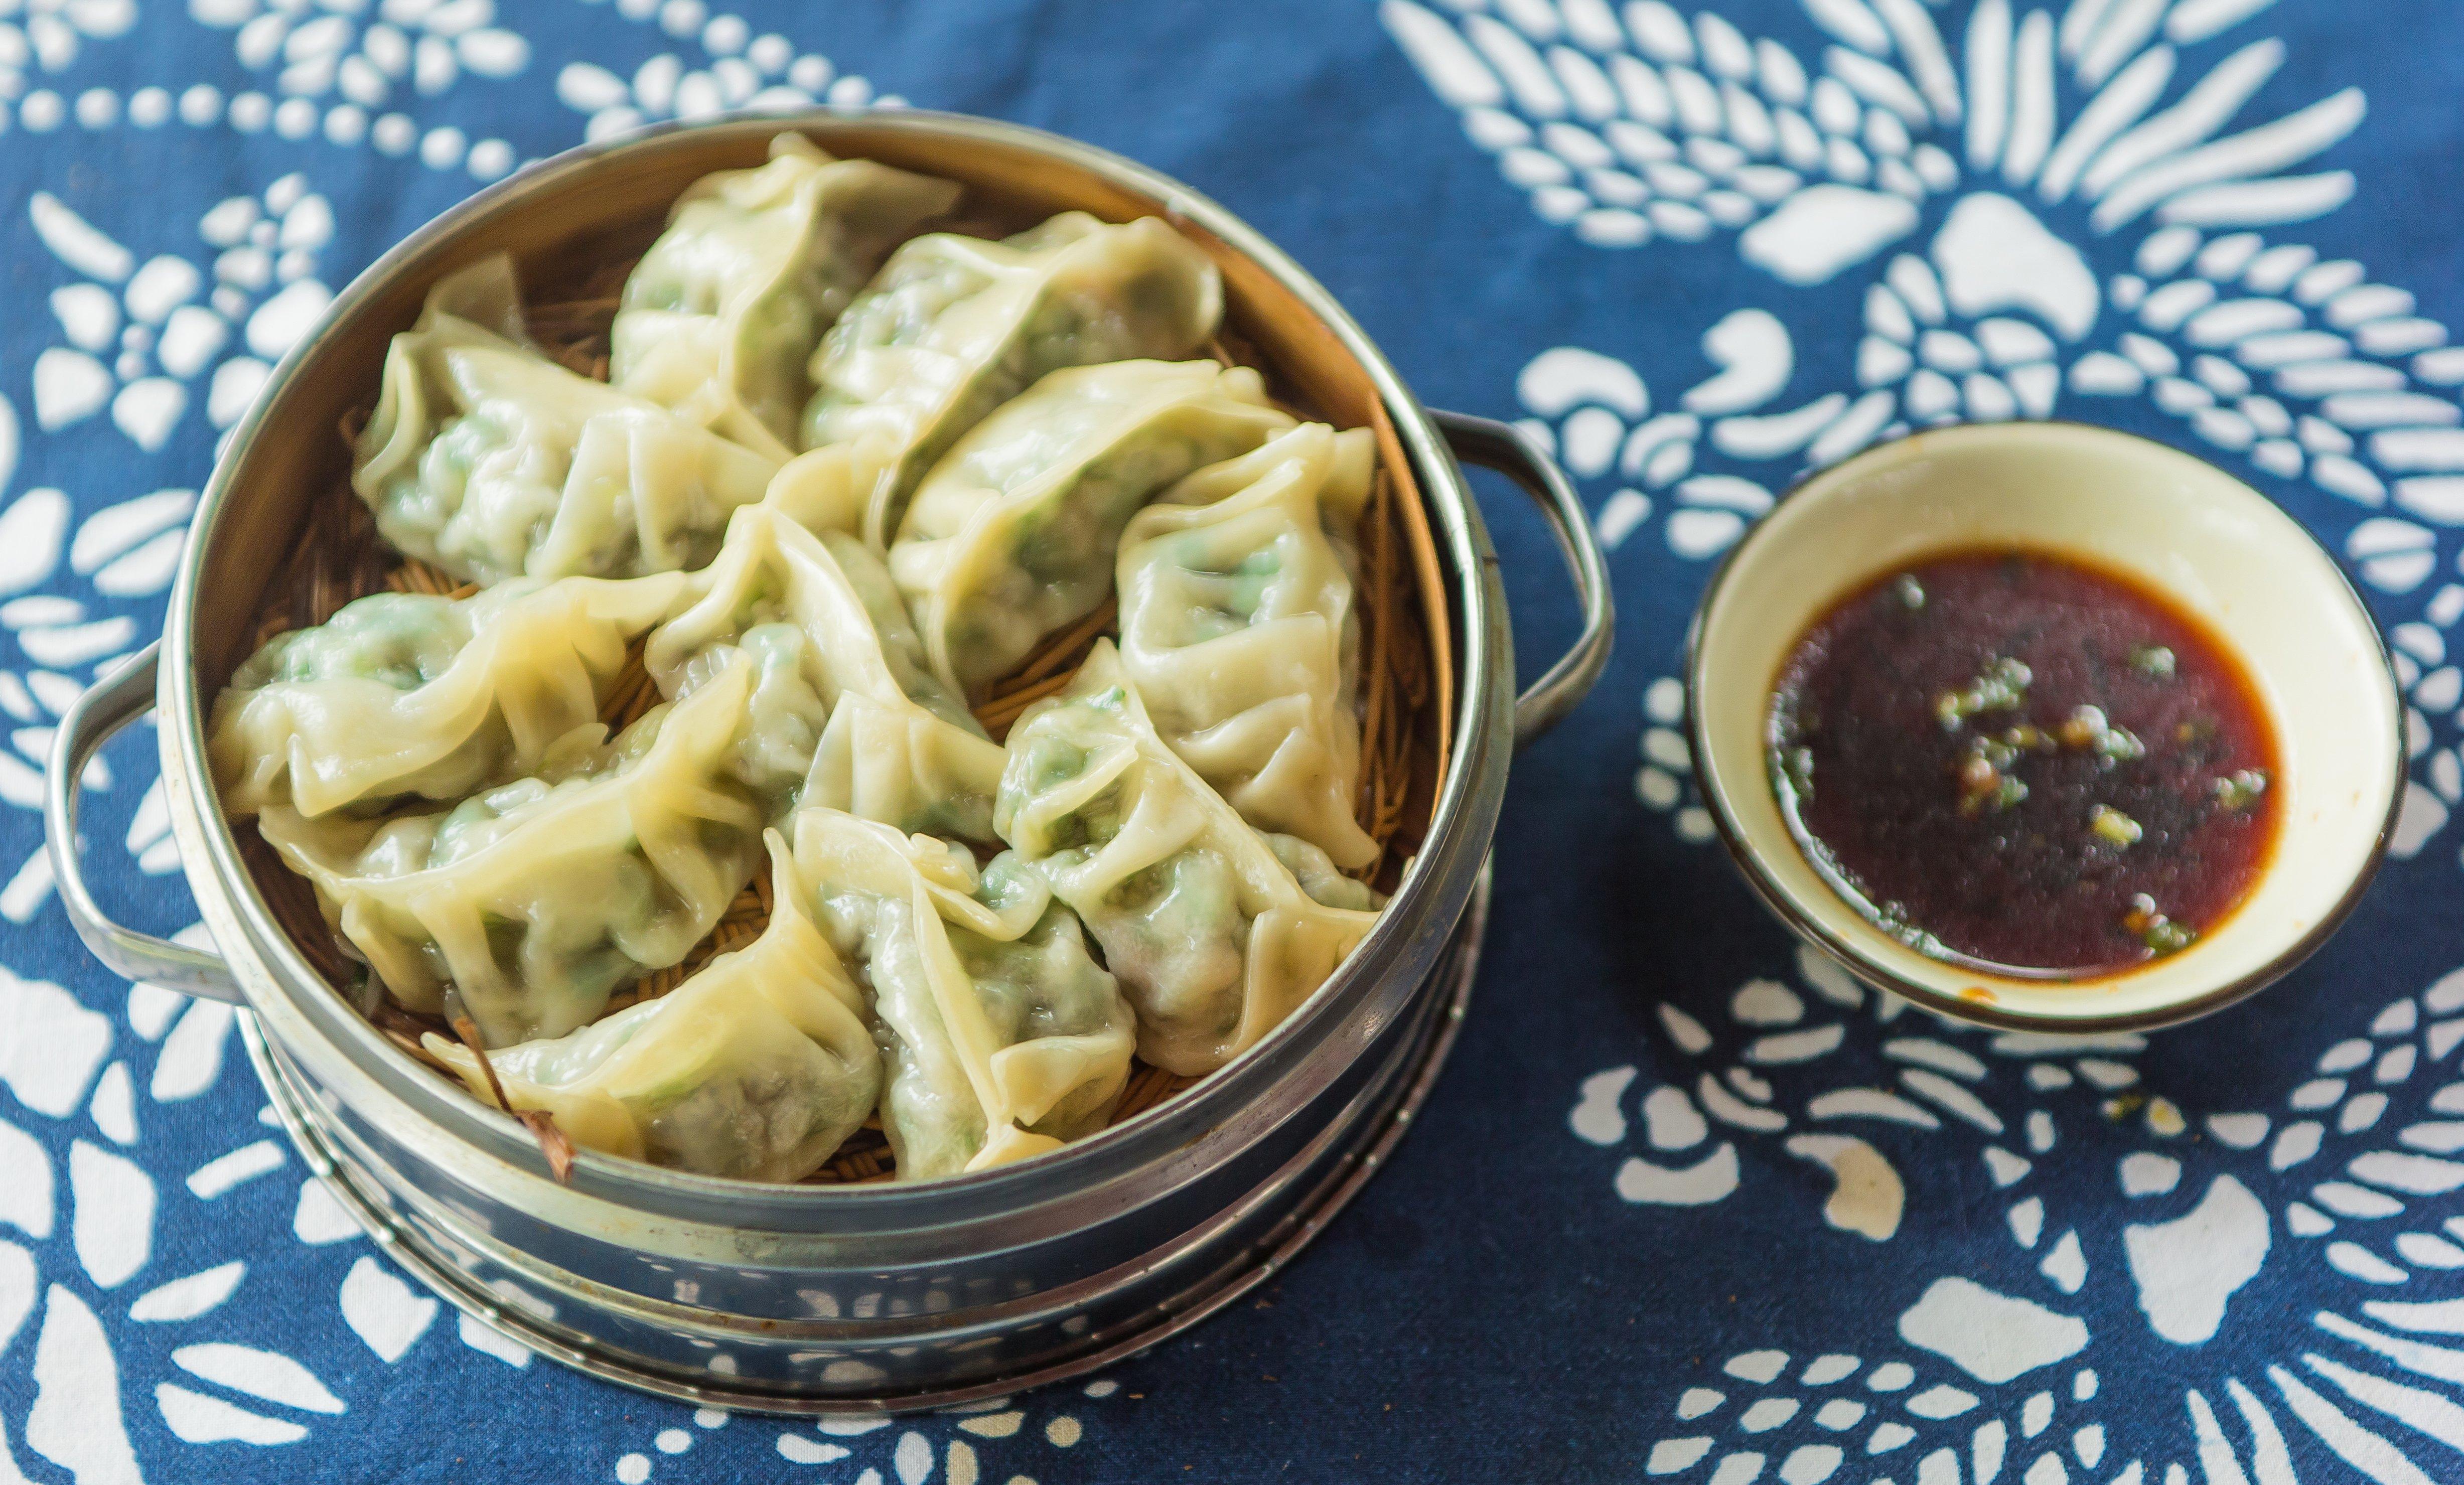 pr parez chez vous de d licieux raviolis chinois v g tariens cuits la vapeur. Black Bedroom Furniture Sets. Home Design Ideas